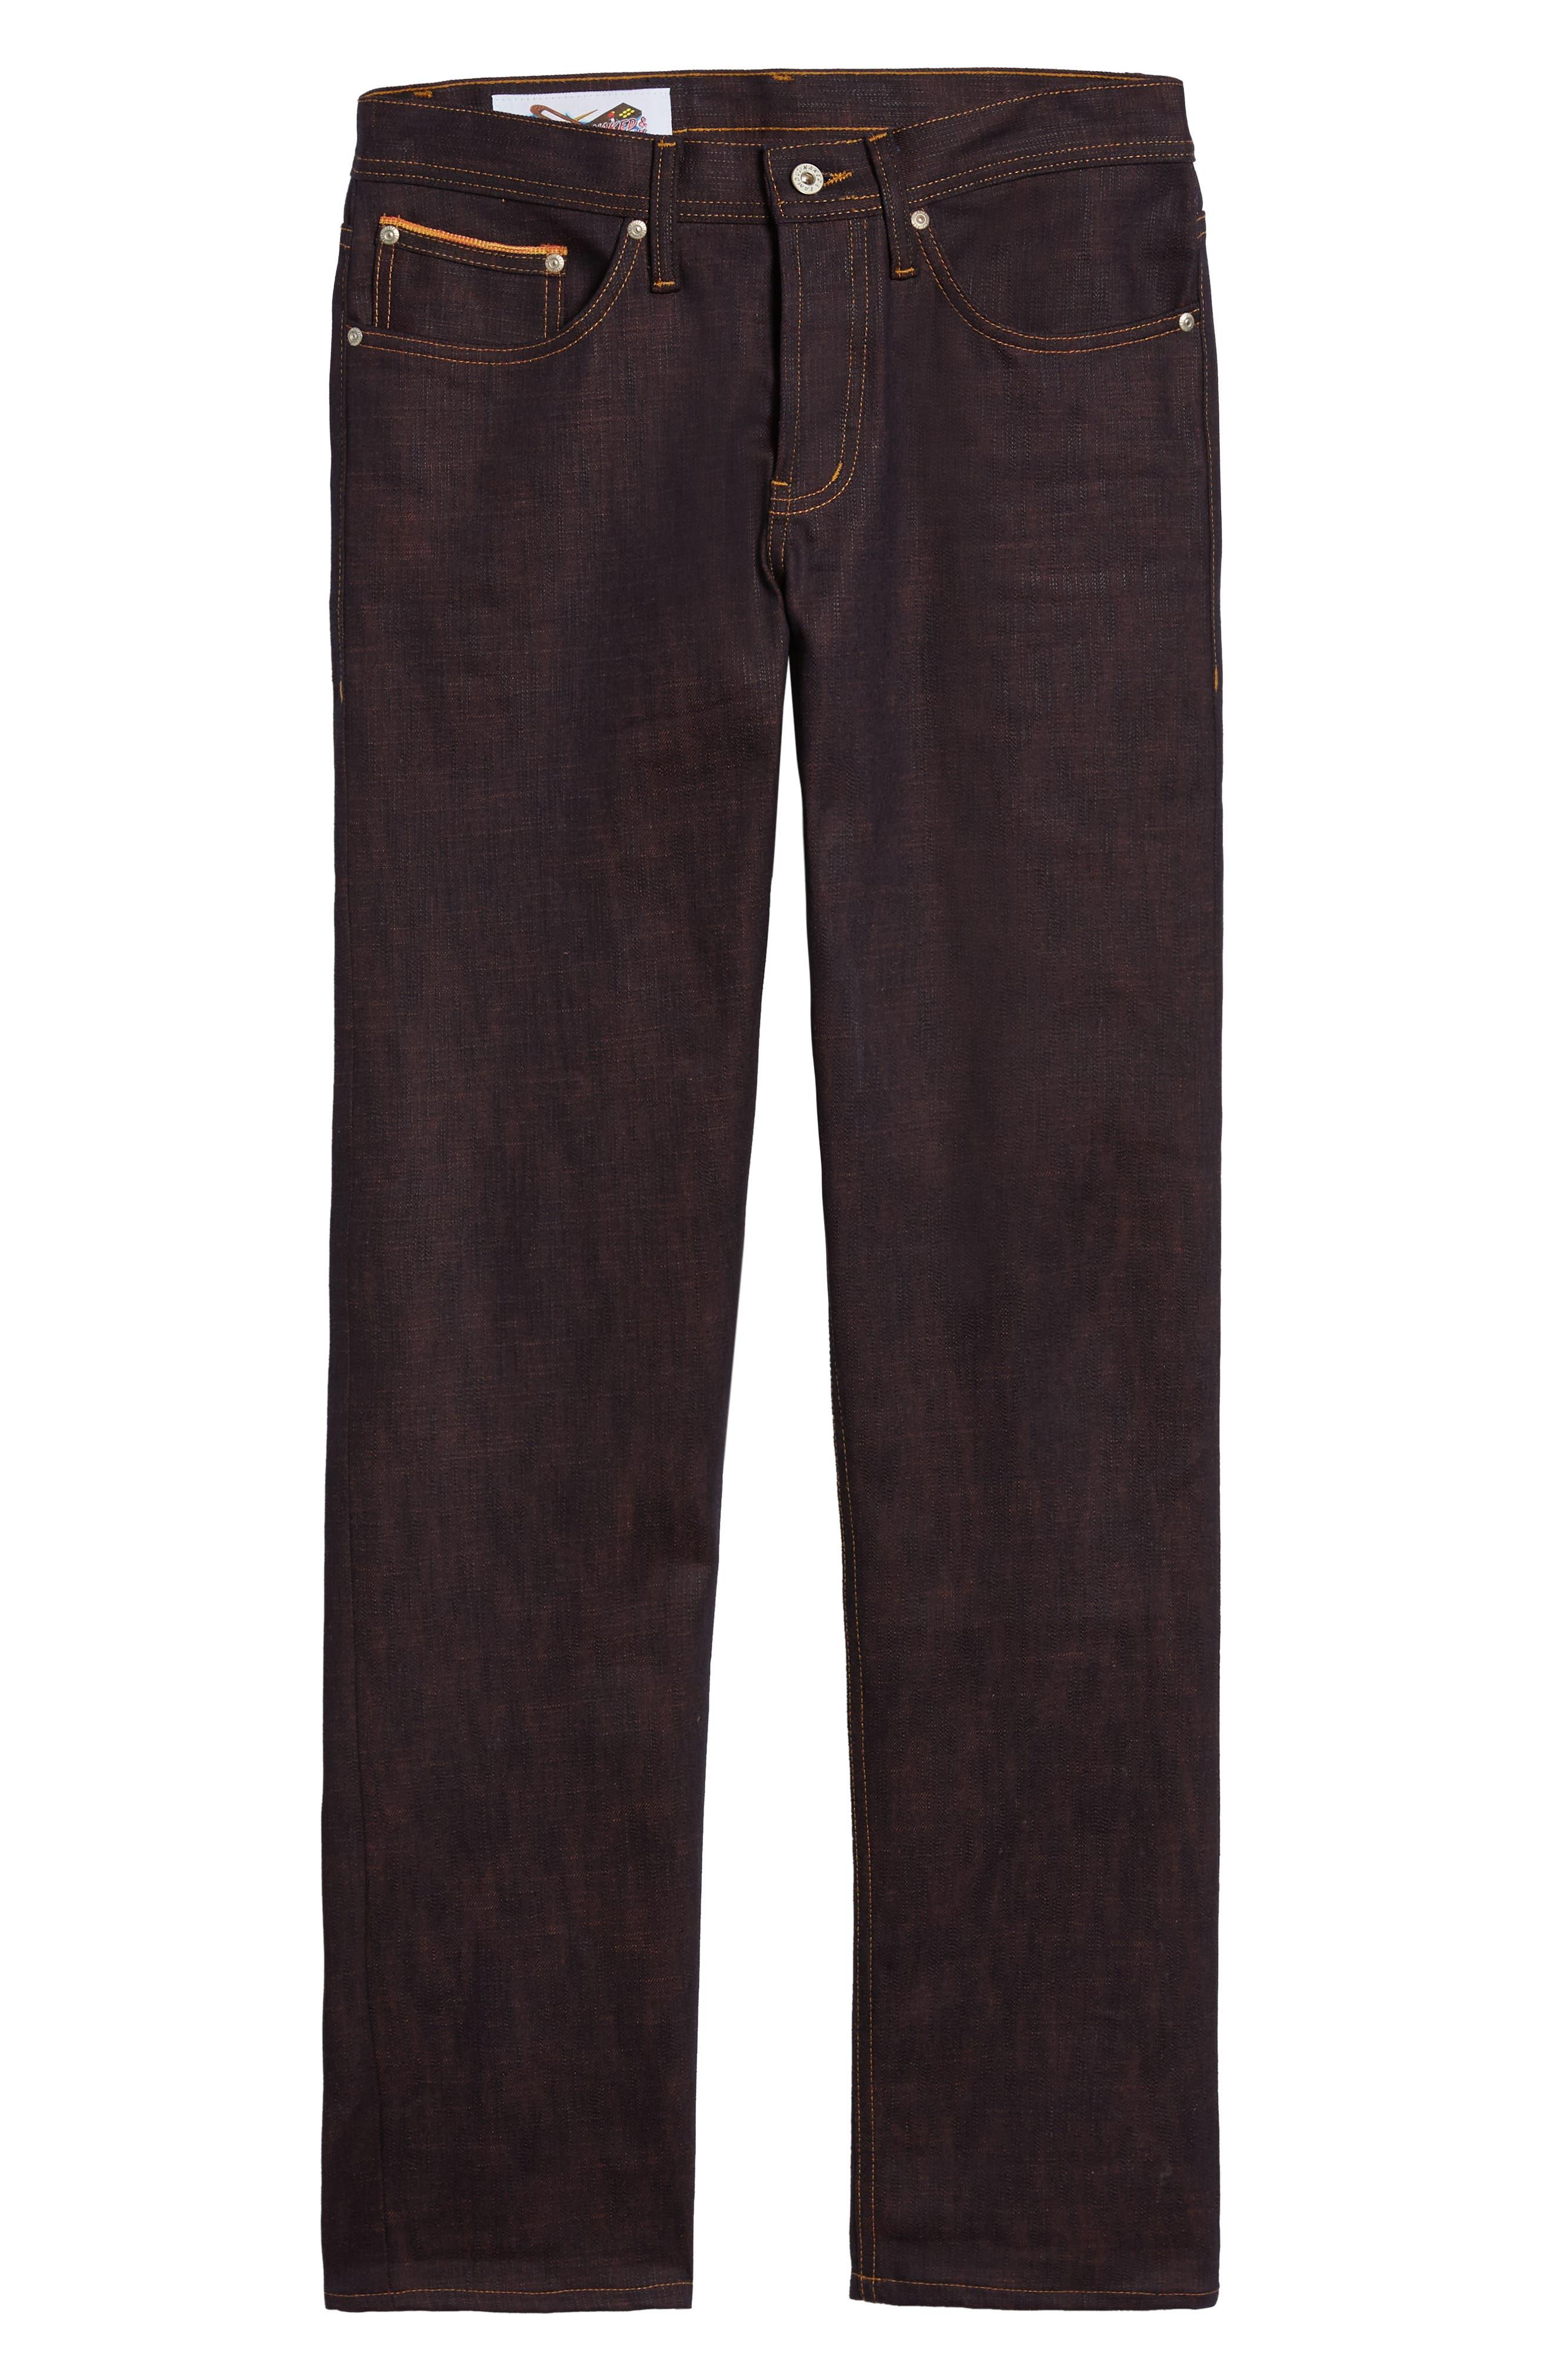 Weird Guy Slim Fit Jeans,                             Alternate thumbnail 6, color,                             KEN SHORYUKEN SELVEDGE